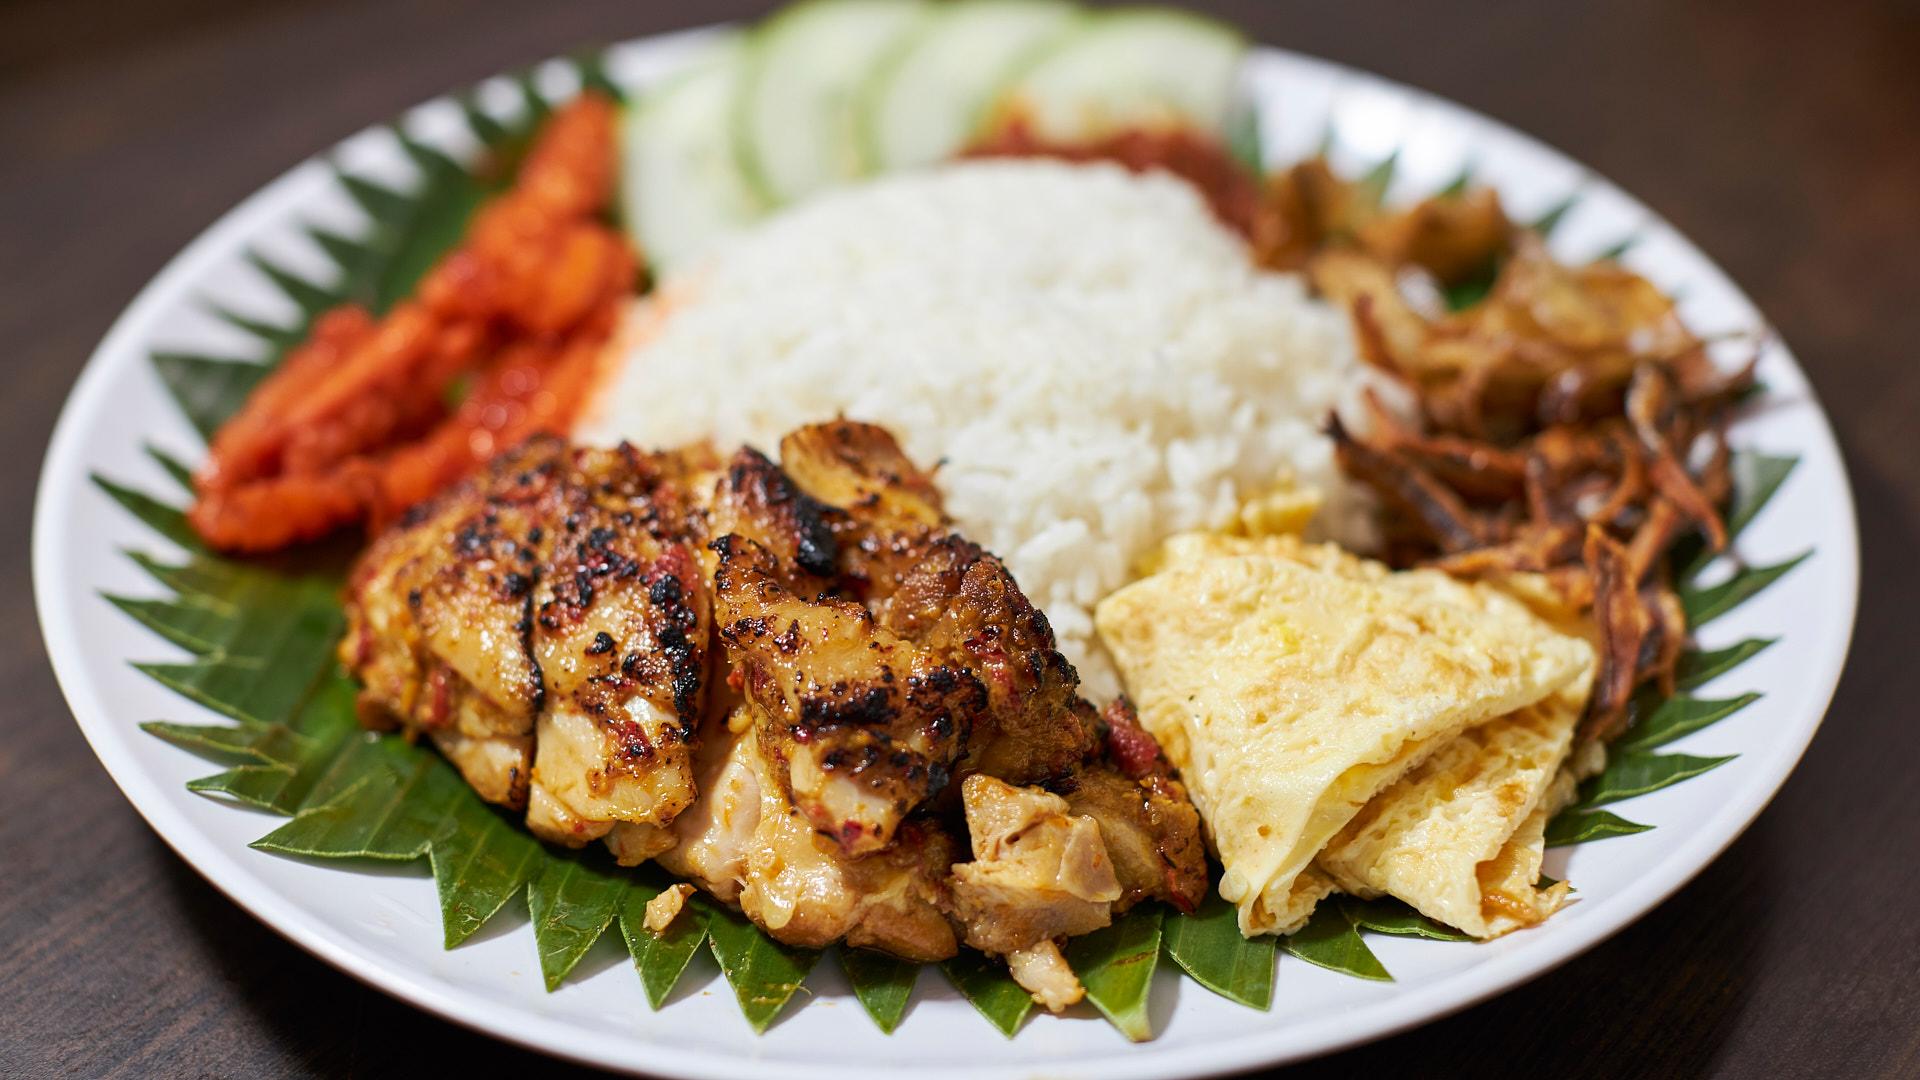 Wisata Kuliner Pedas Kota Malang Untuk Dicoba Kaya Kuliner